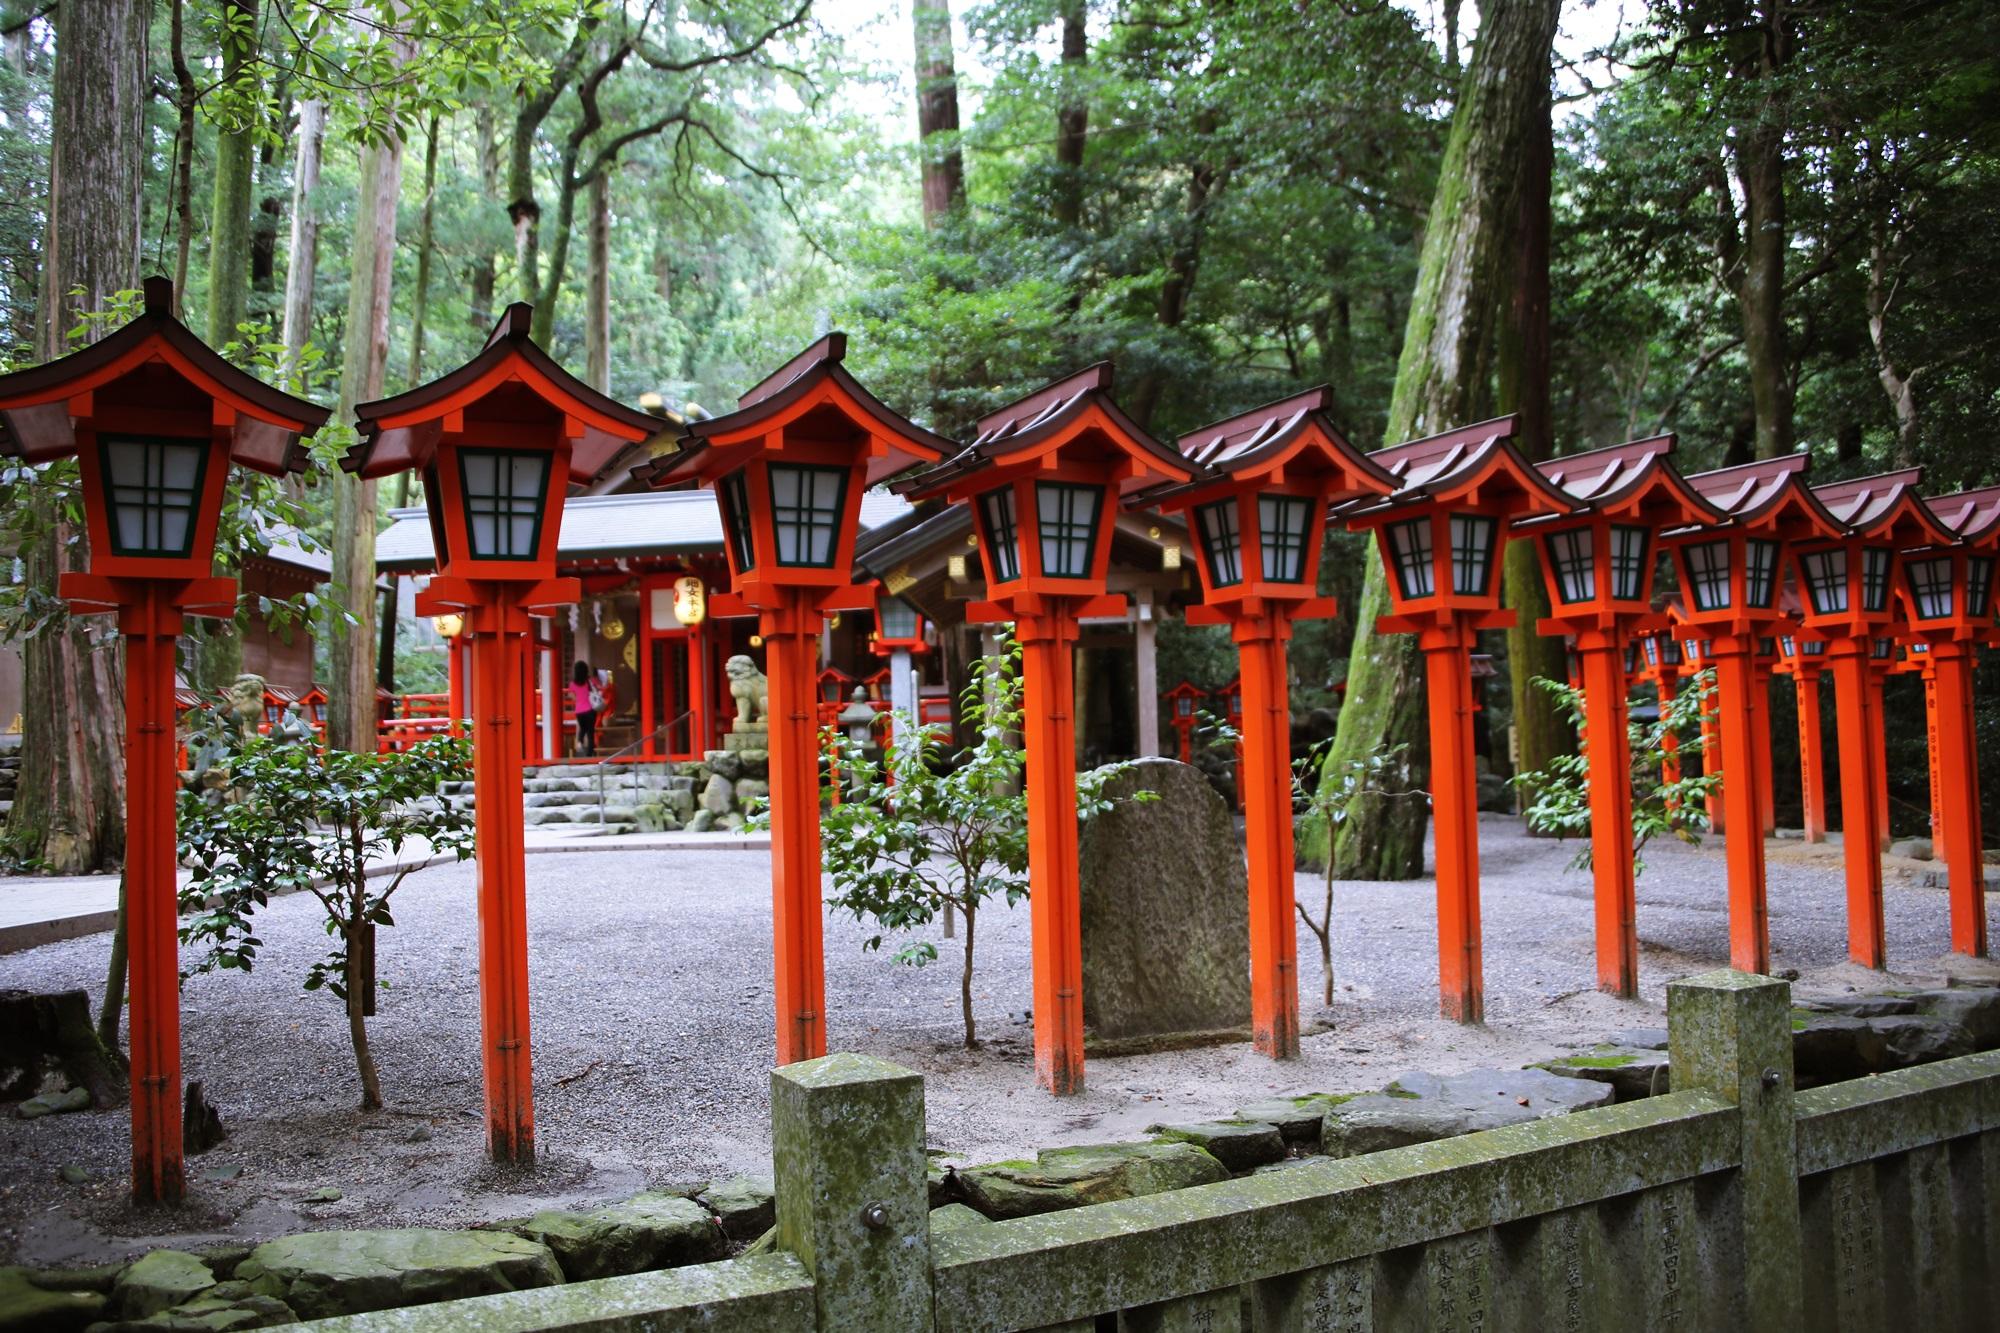 椿大神社 (つばきおおかみやしろ) tsubakiookamiyashiro (12)